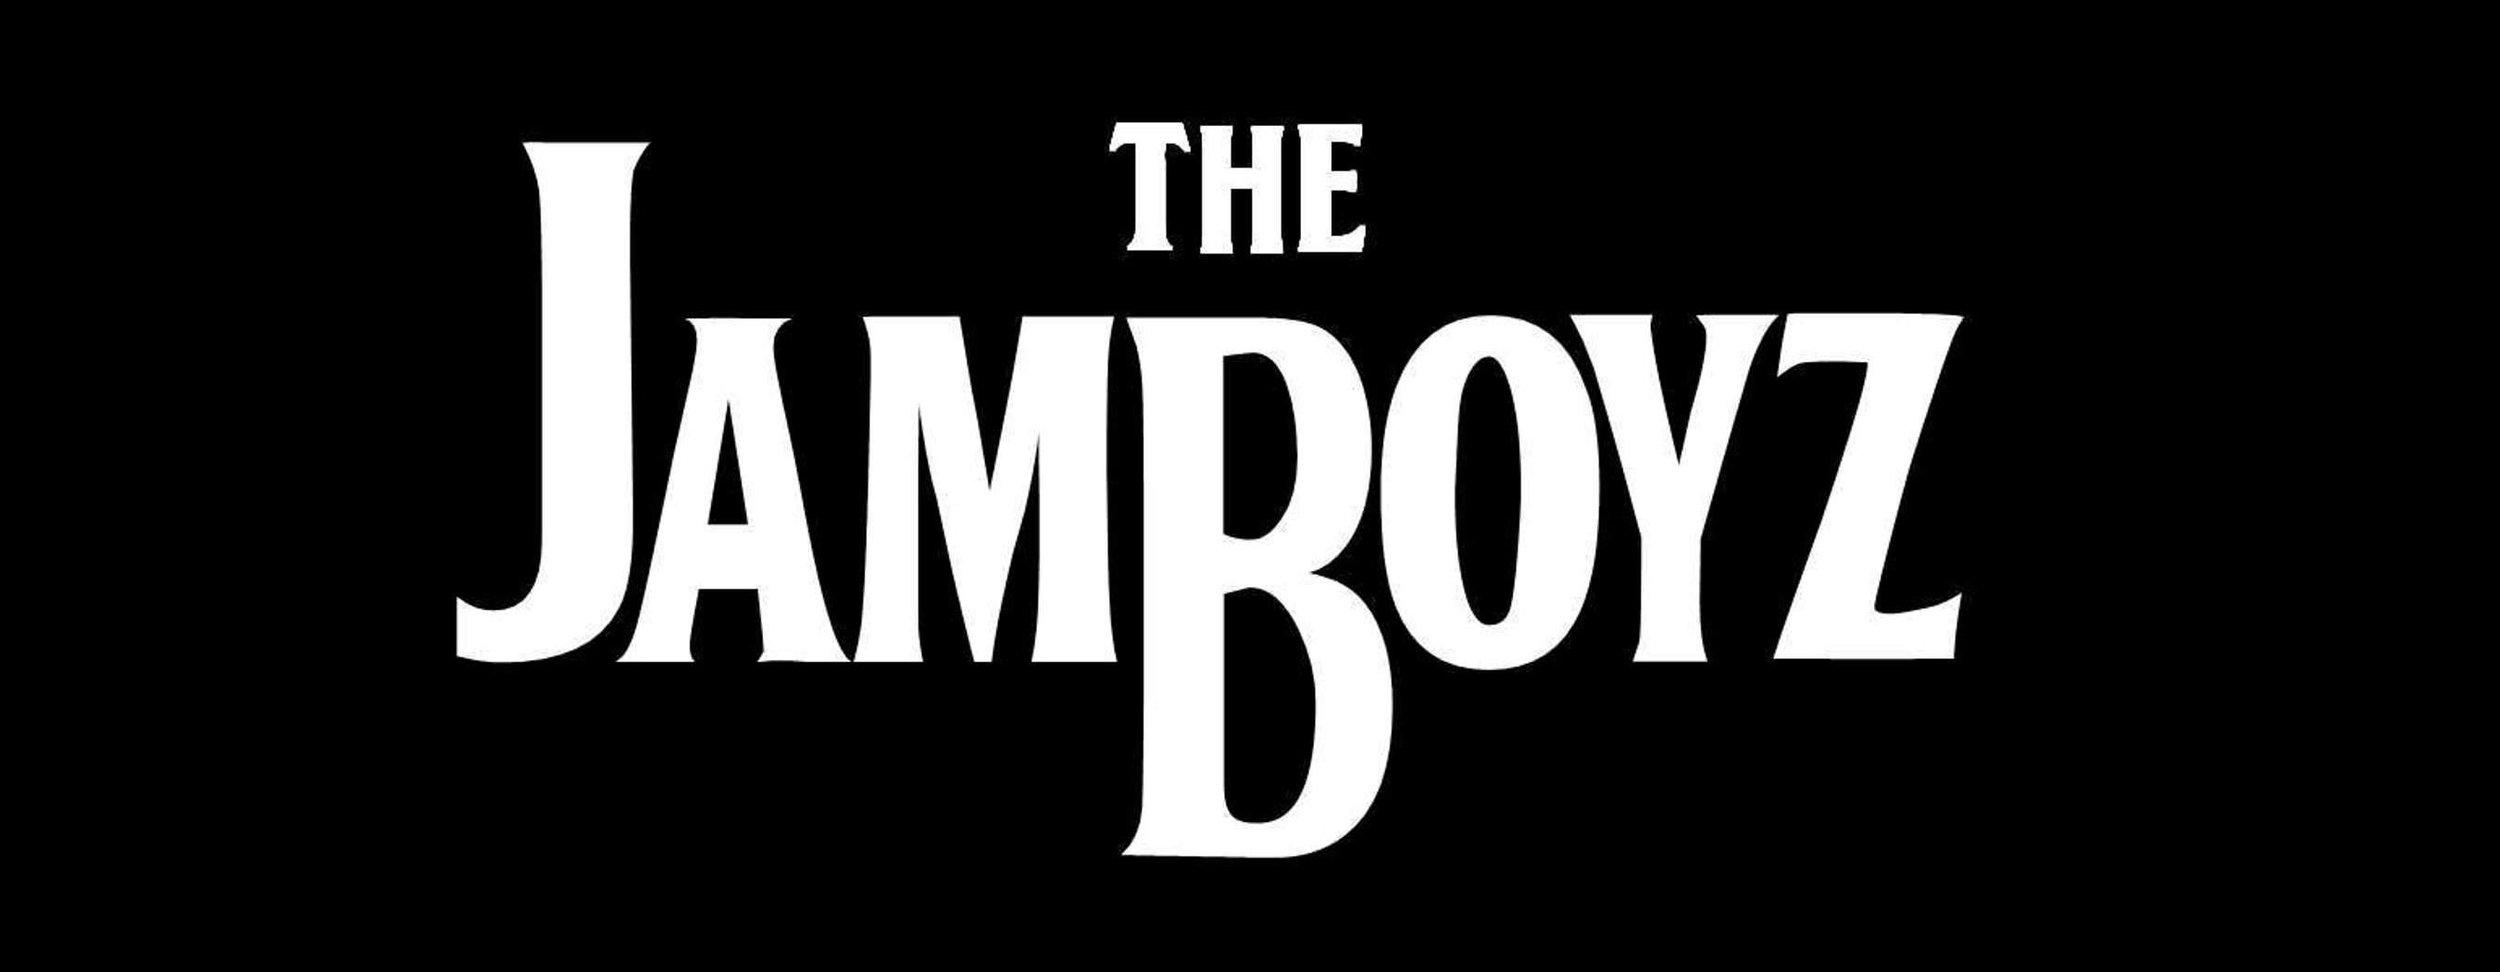 JamBoyz-livemusic-thewowzone